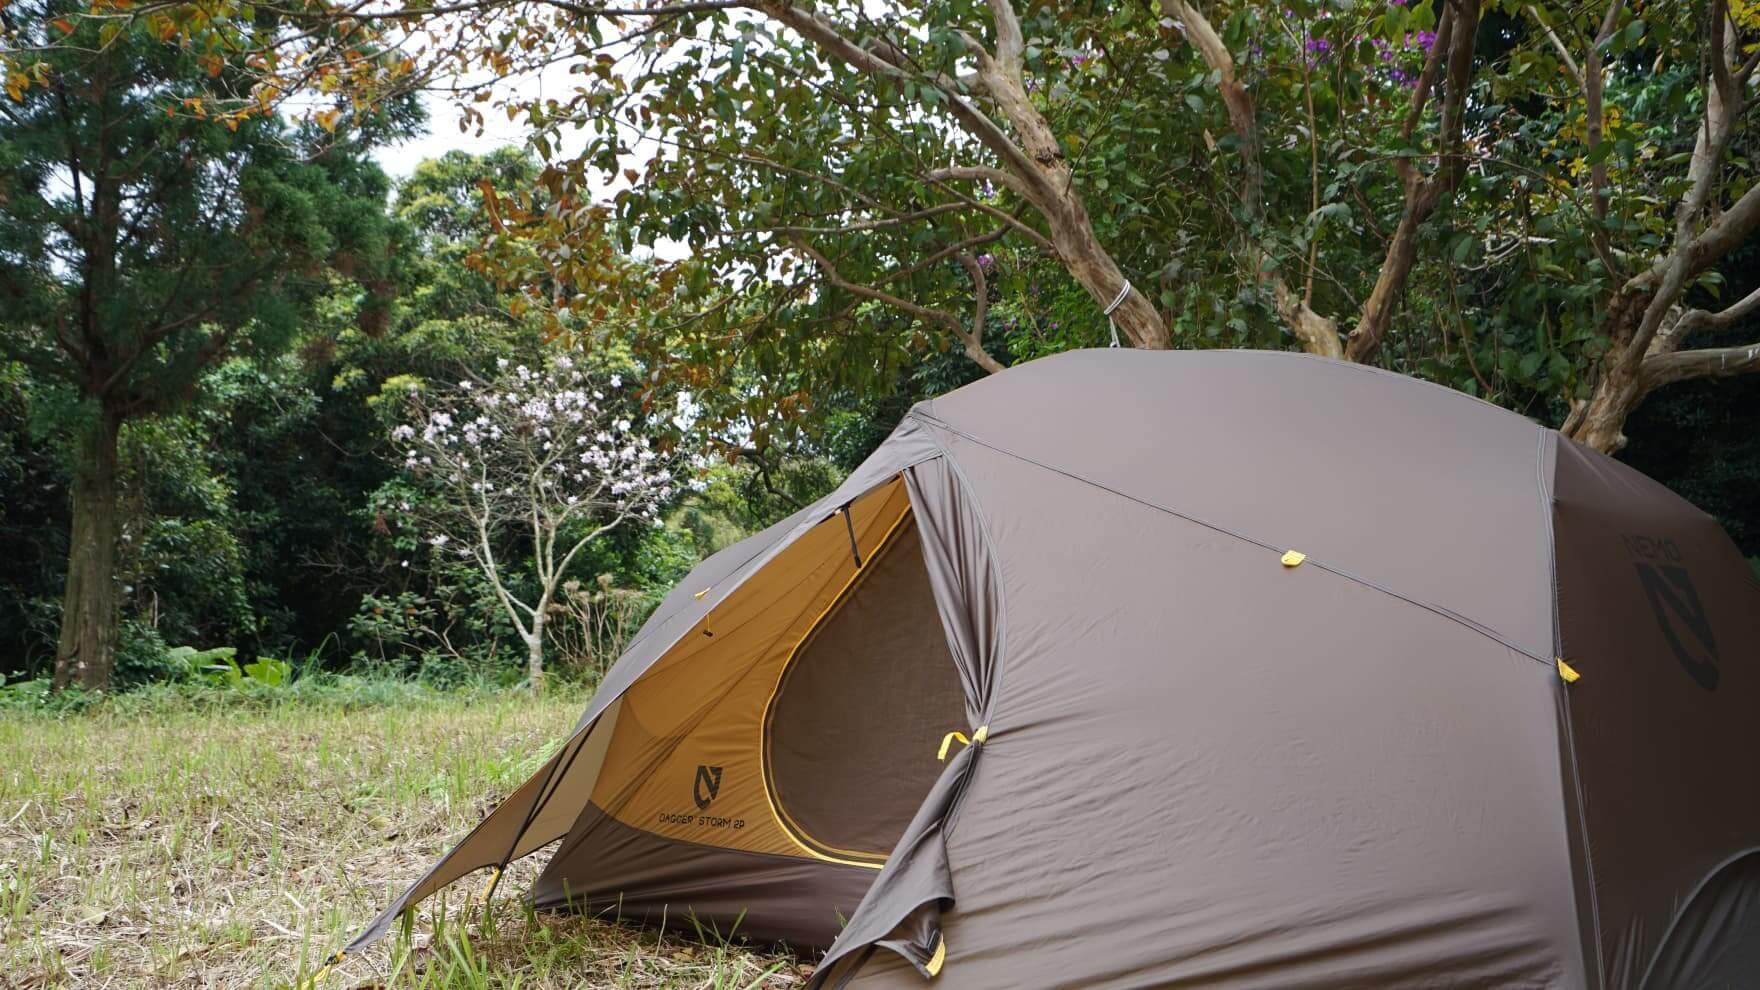 Review:NEMO ダガーストーム2P ドーム型なのに室内が広い!抜群の居住性とバランスの良さを誇る山岳テント